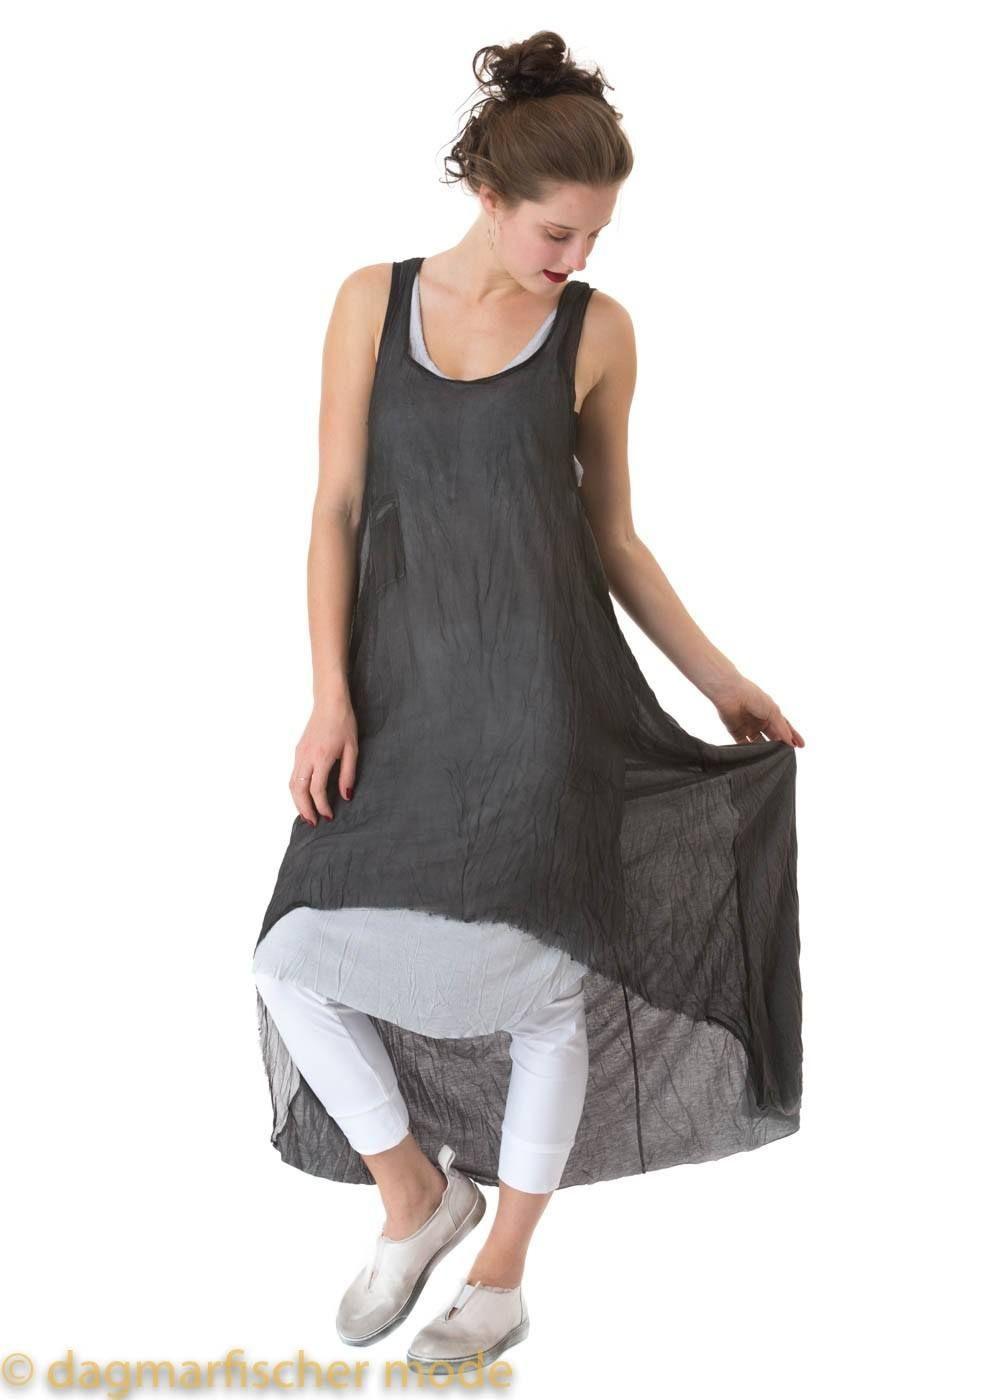 15 Kreativ Kleider Kaufen Online Vertrieb13 Perfekt Kleider Kaufen Online Vertrieb